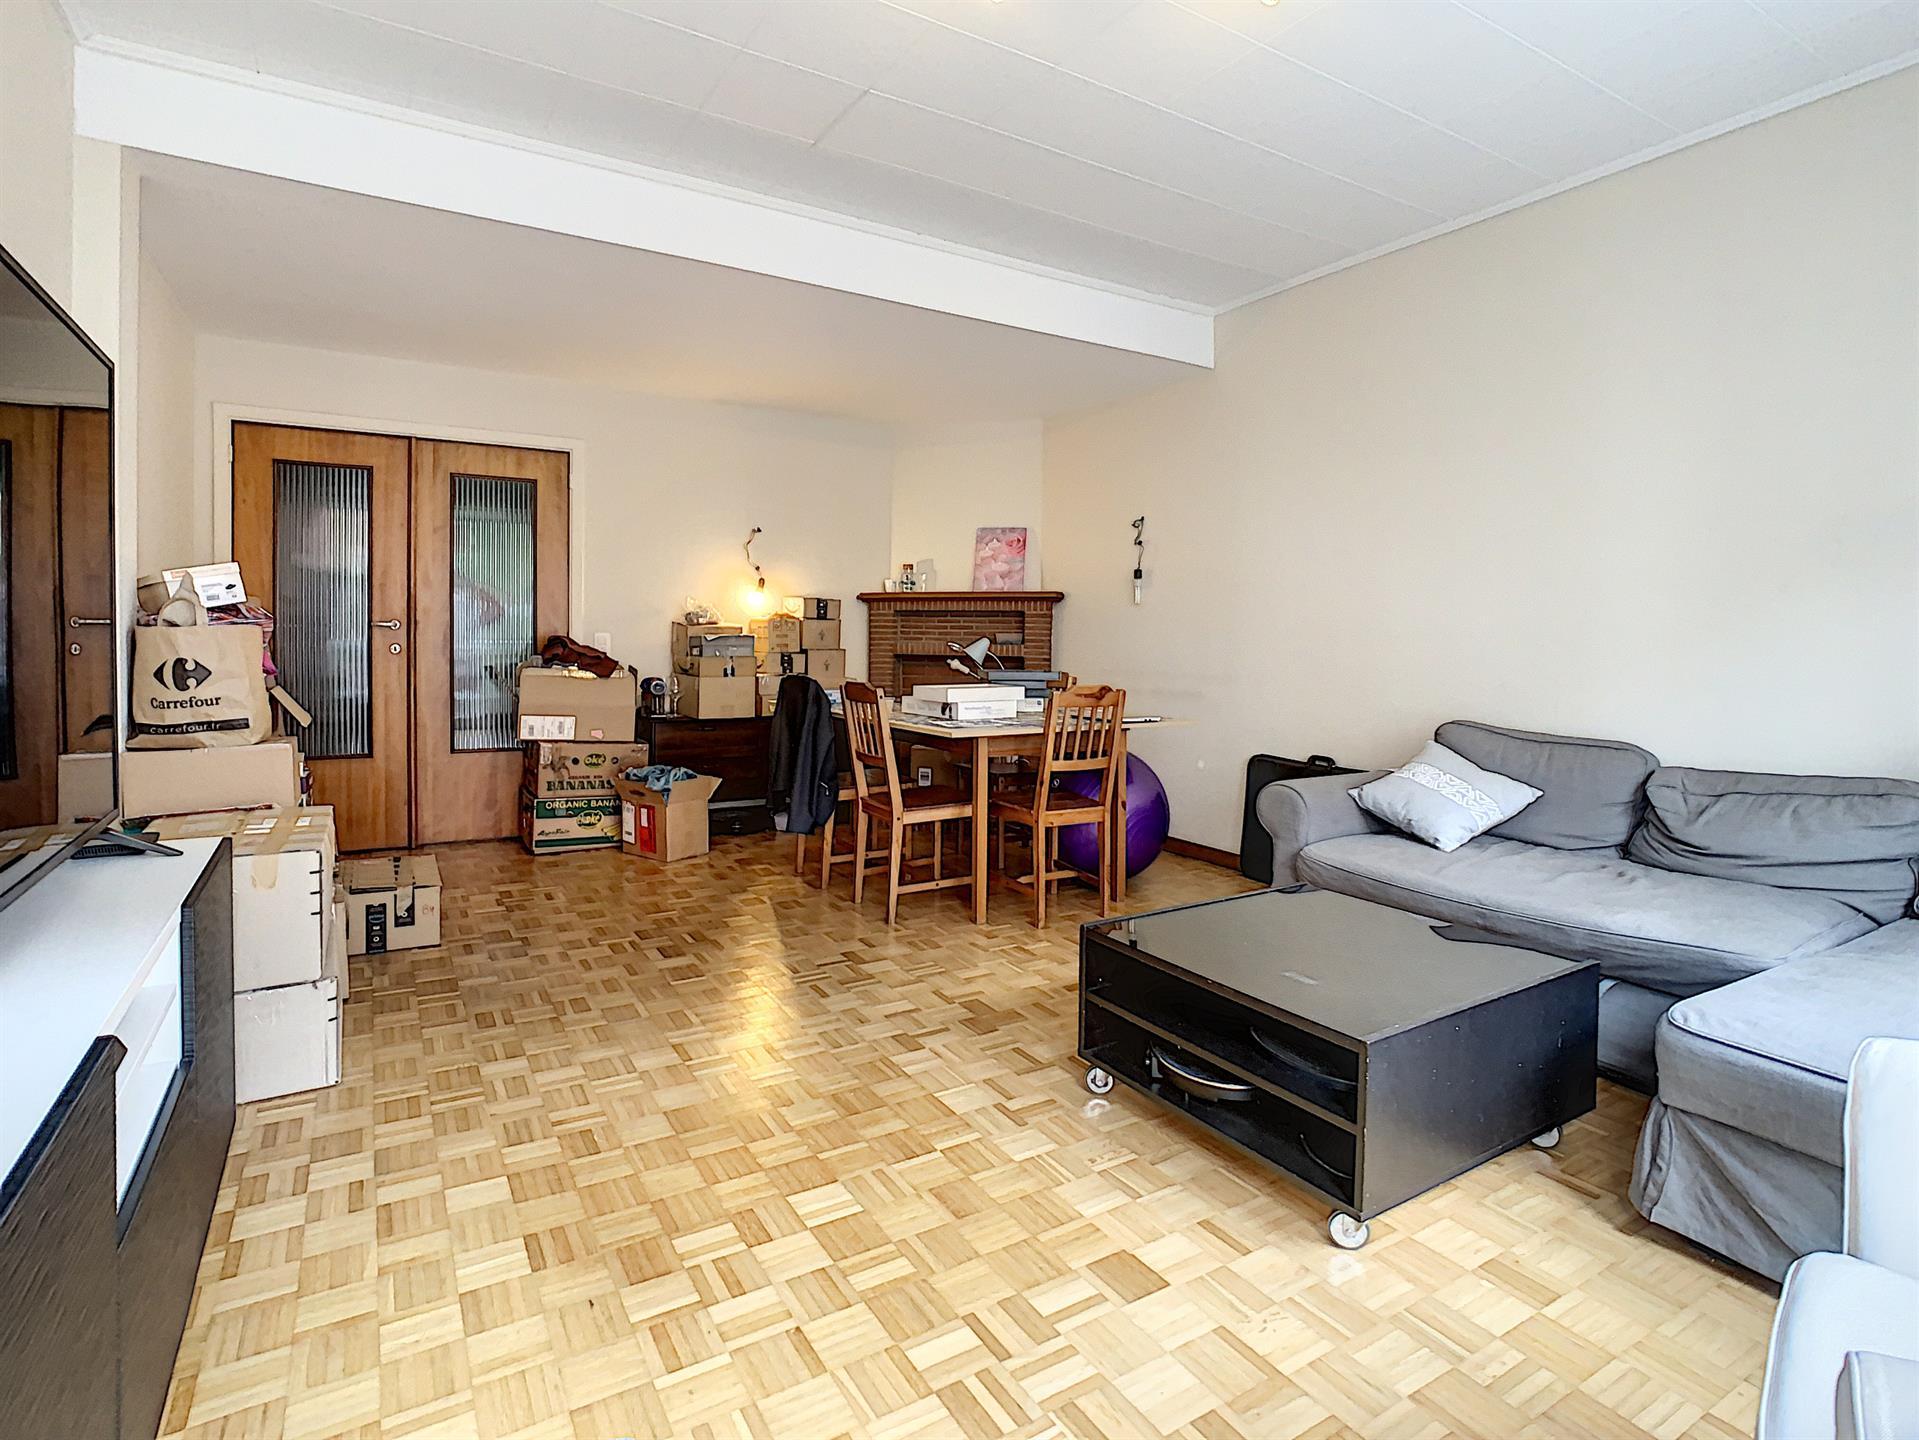 Appartement - Etterbeek - #4418245-1